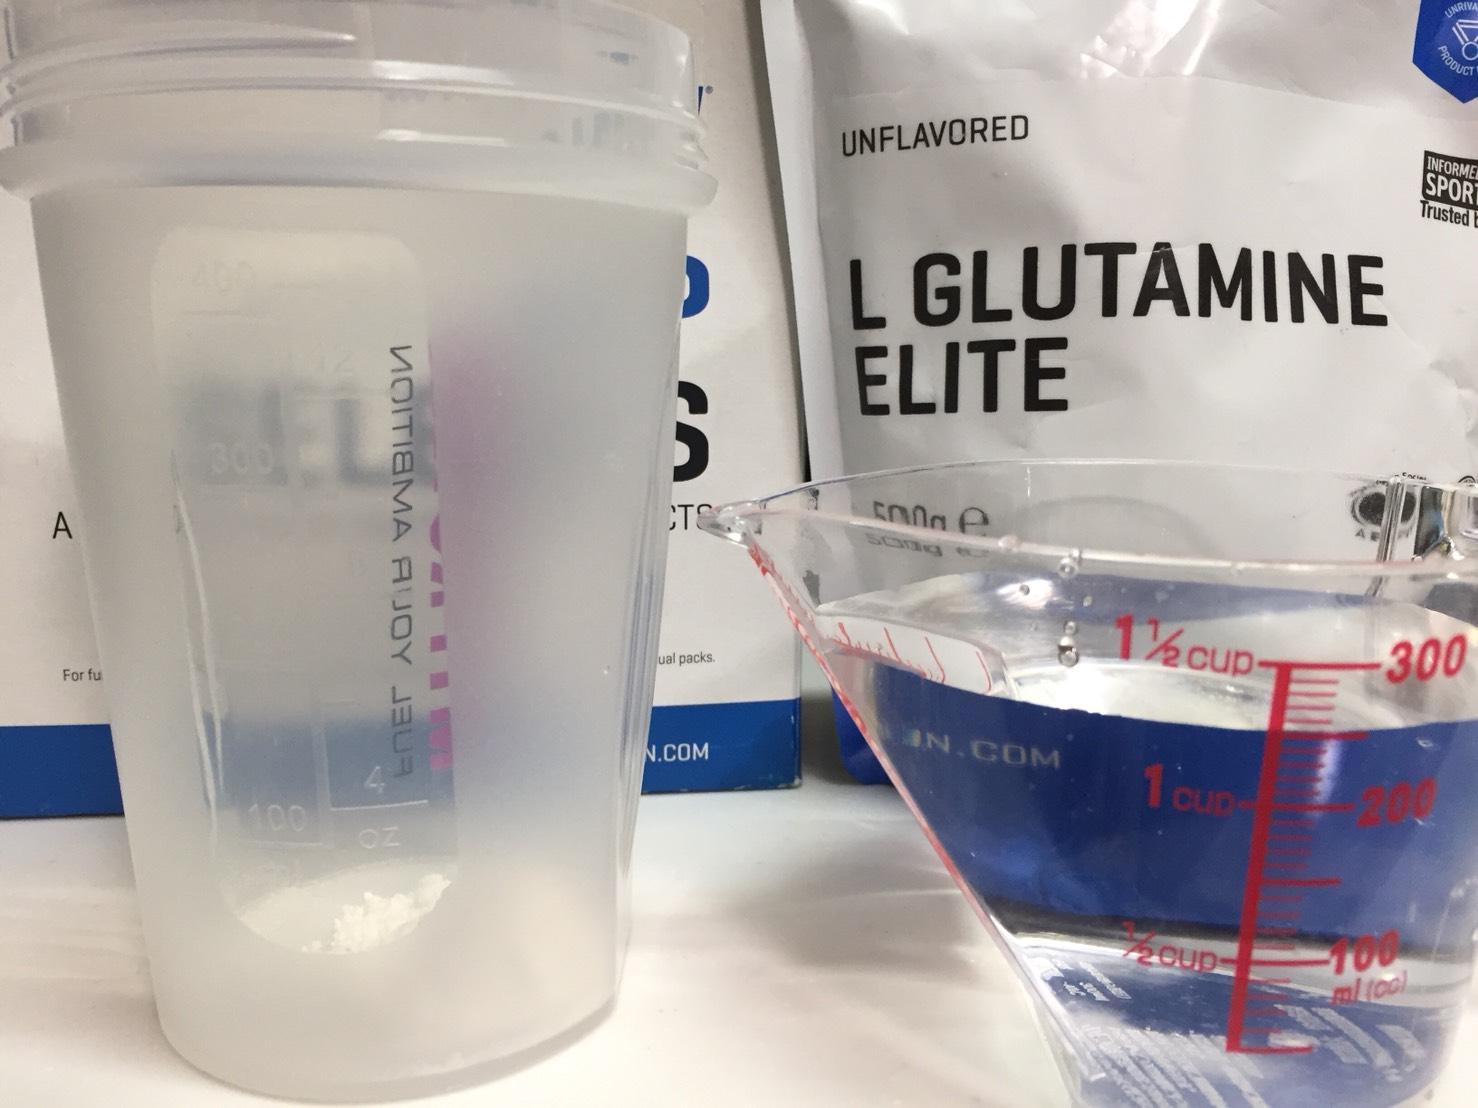 マイプロテイン「L-GLUTAMINE ELITE(グルタミンエリート)」を250mlの水に溶かします。